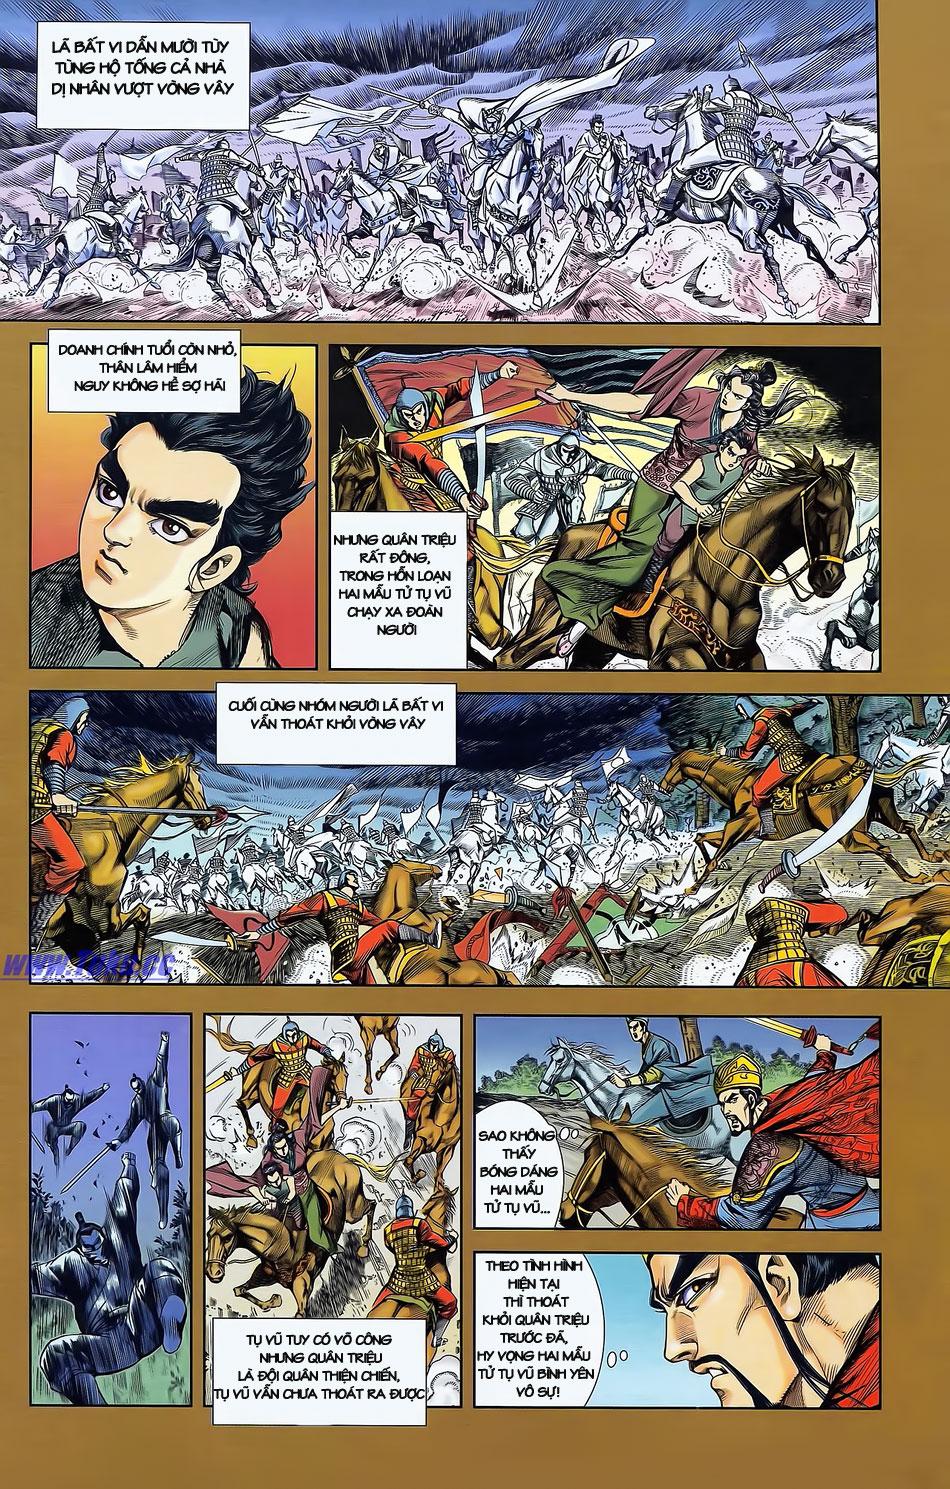 Tần Vương Doanh Chính chapter 2 trang 4